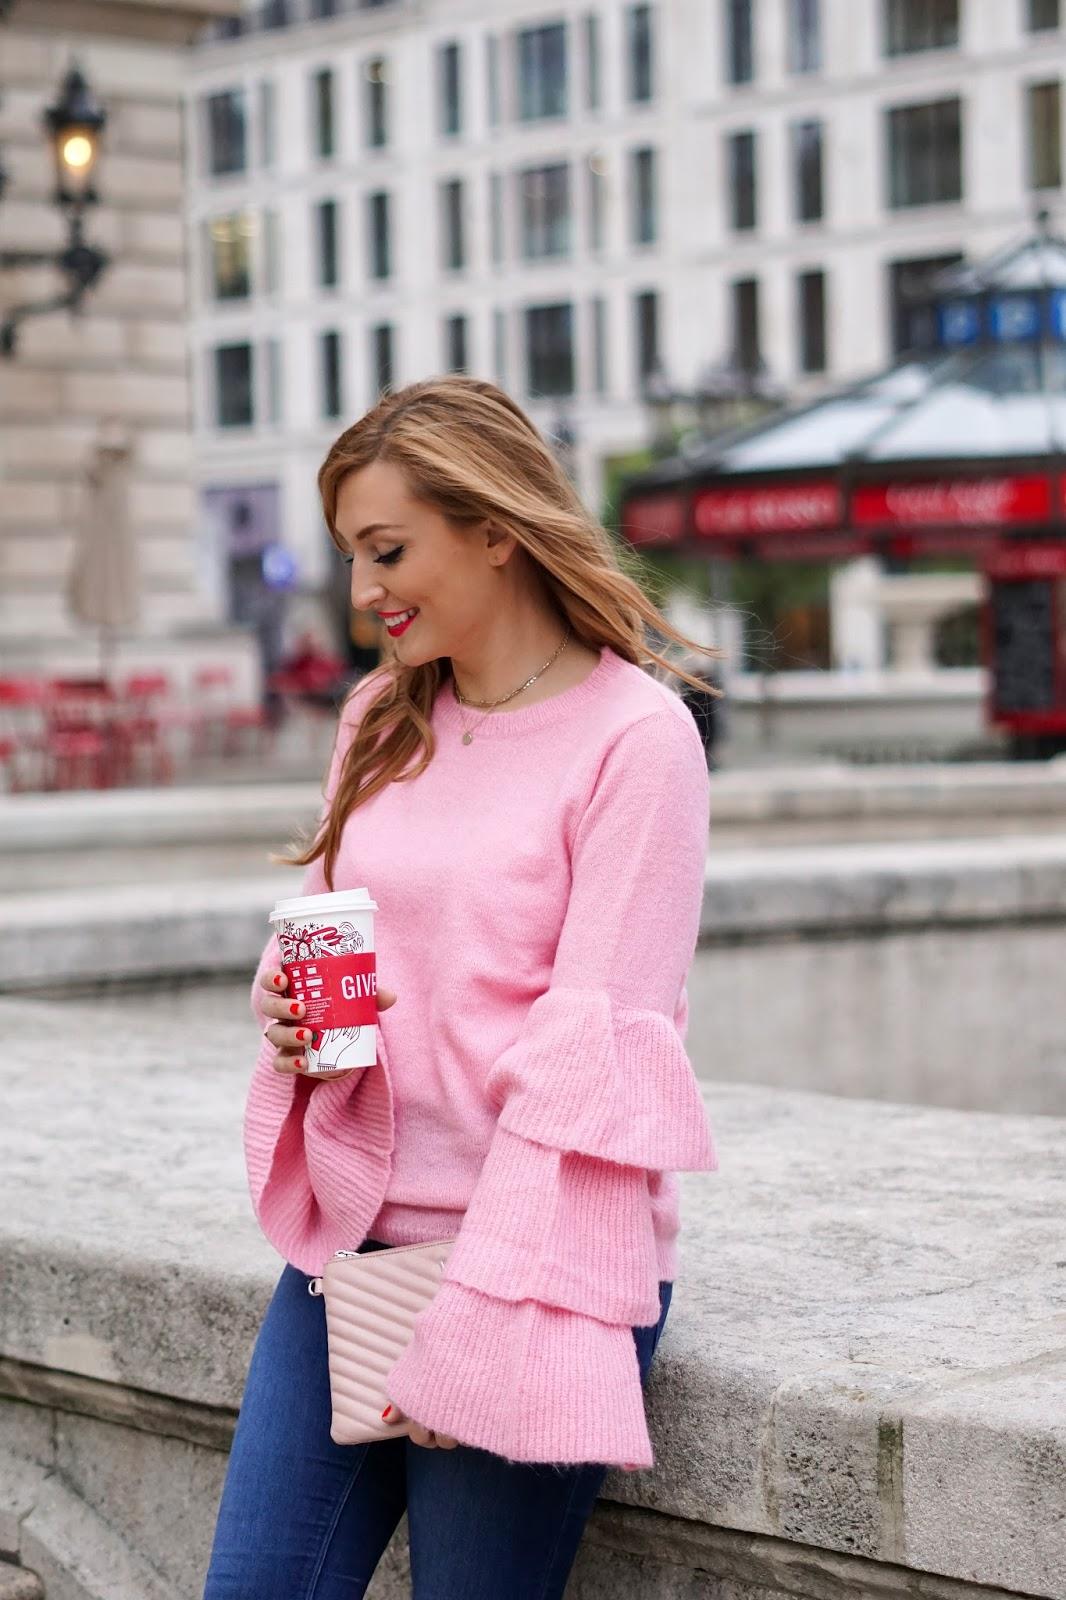 roter-lippenstift-NA-KD-Rosa-pullover-volant-ärmel-pullover-in-rosa-kombinieren-wie-kombiniere-ich-einen-rosa-pullover-blogger-aus-deutschland-fashionstylebyjohanna-frankfurt-blogger-blogger-aus-Frankfurt